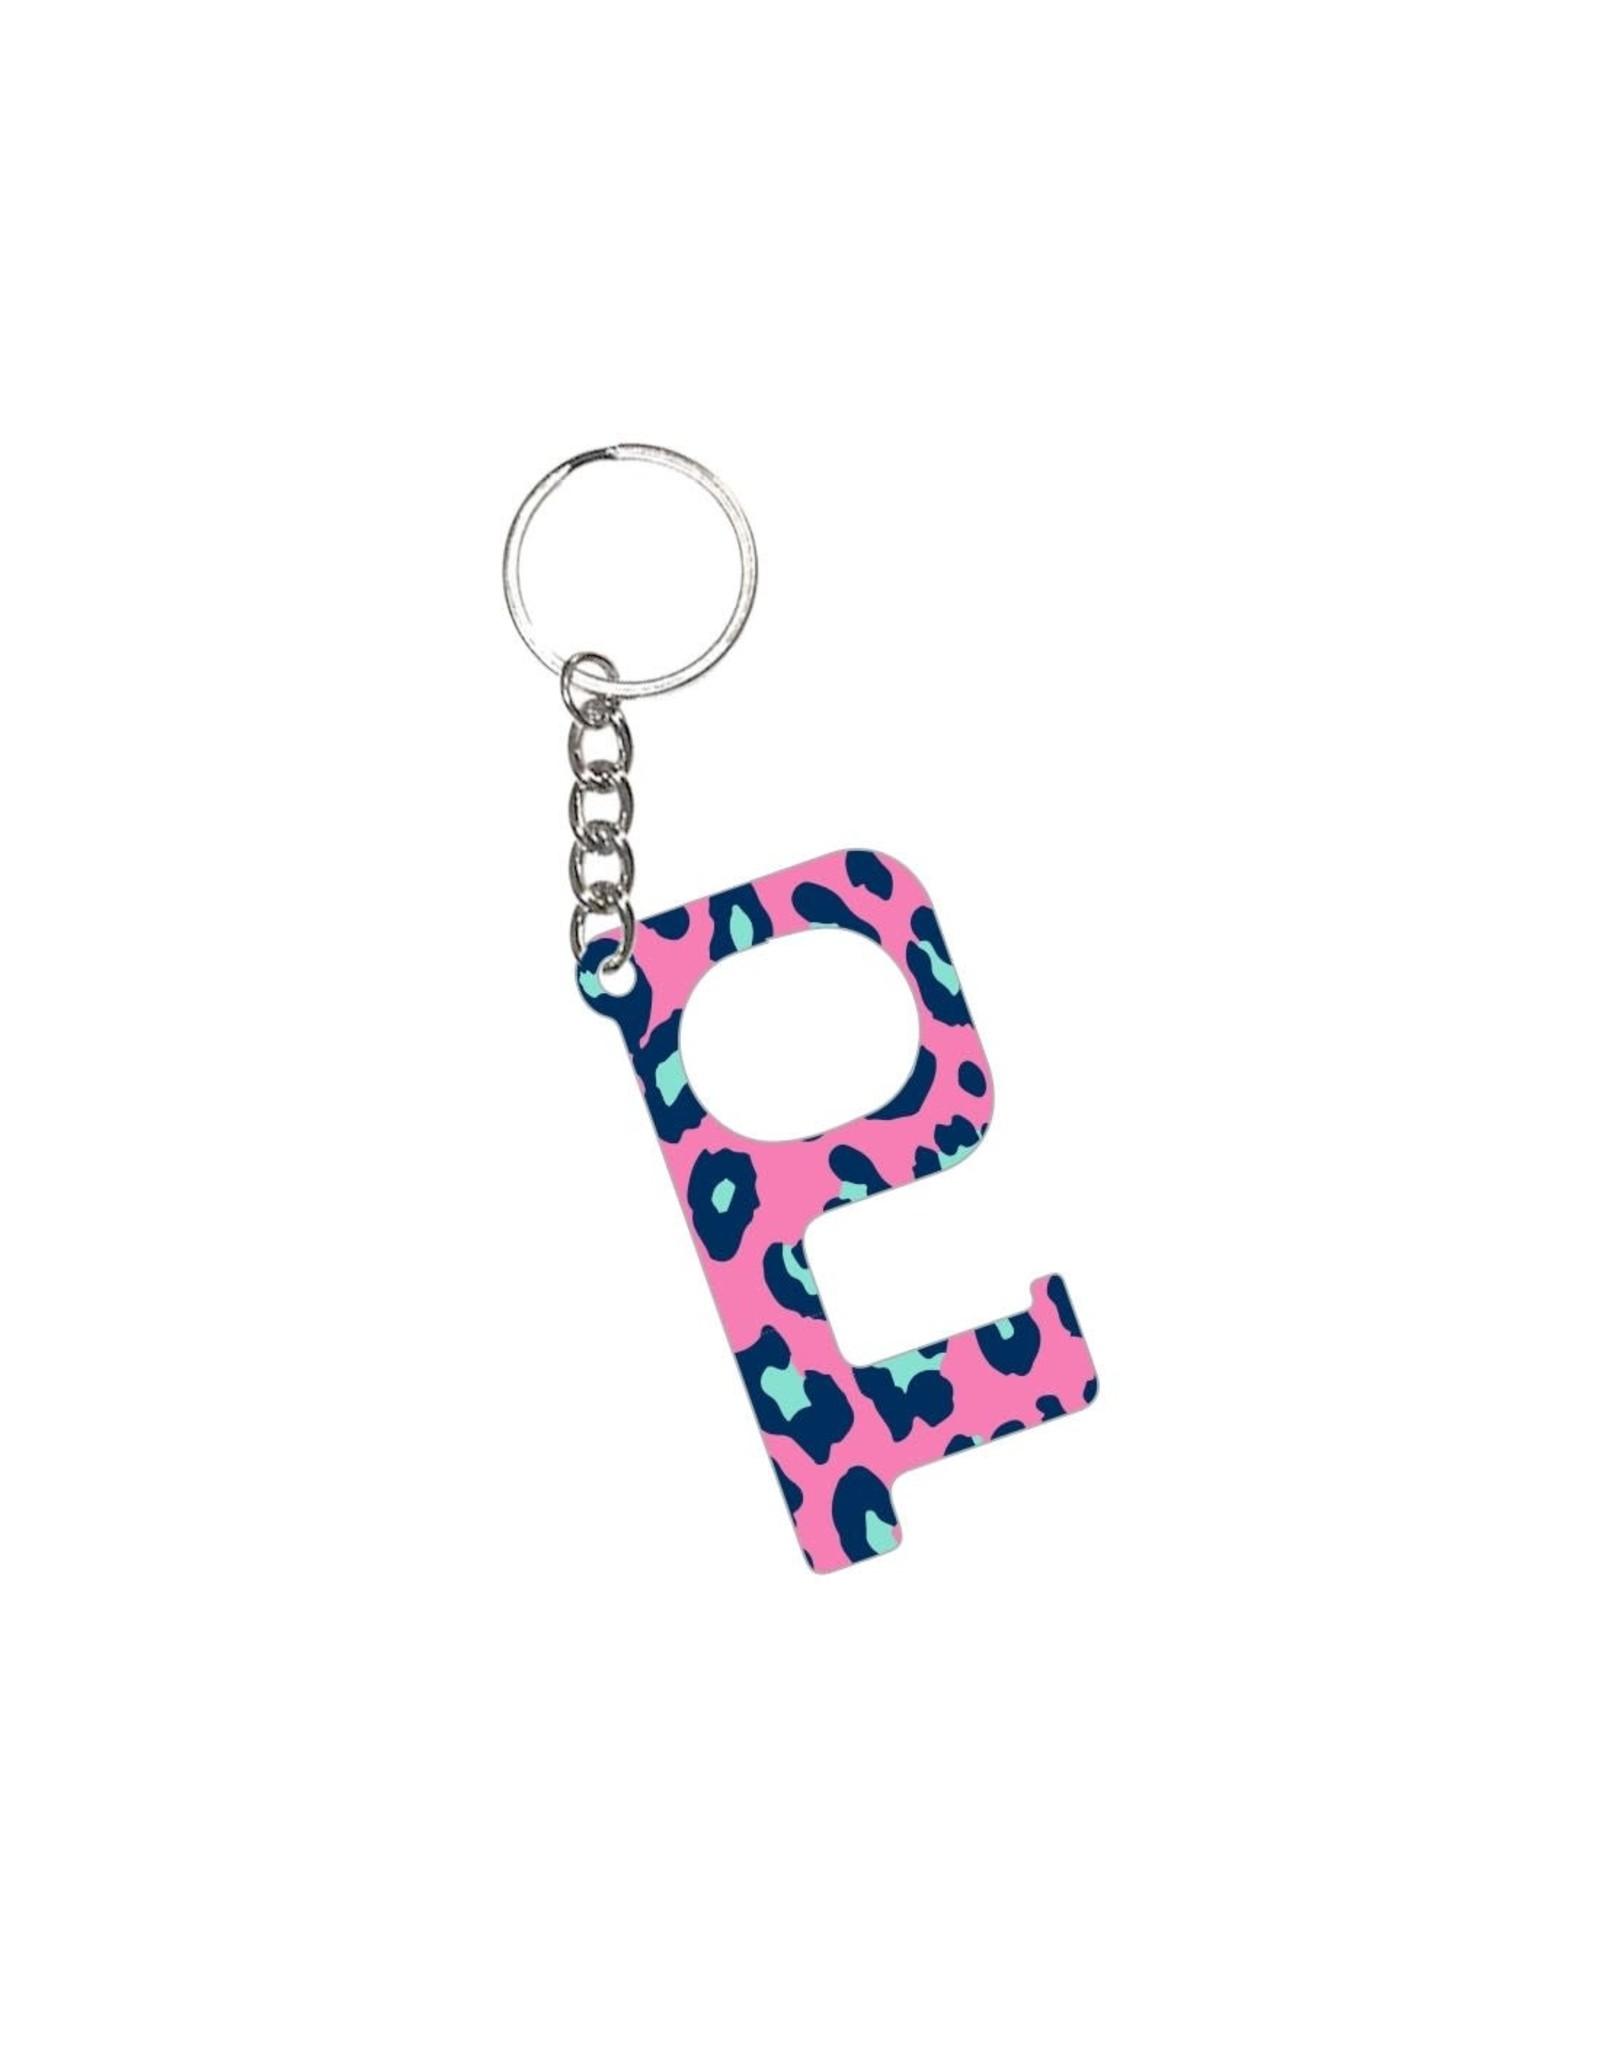 Acrylic Door Key, Hot Pink Leopard